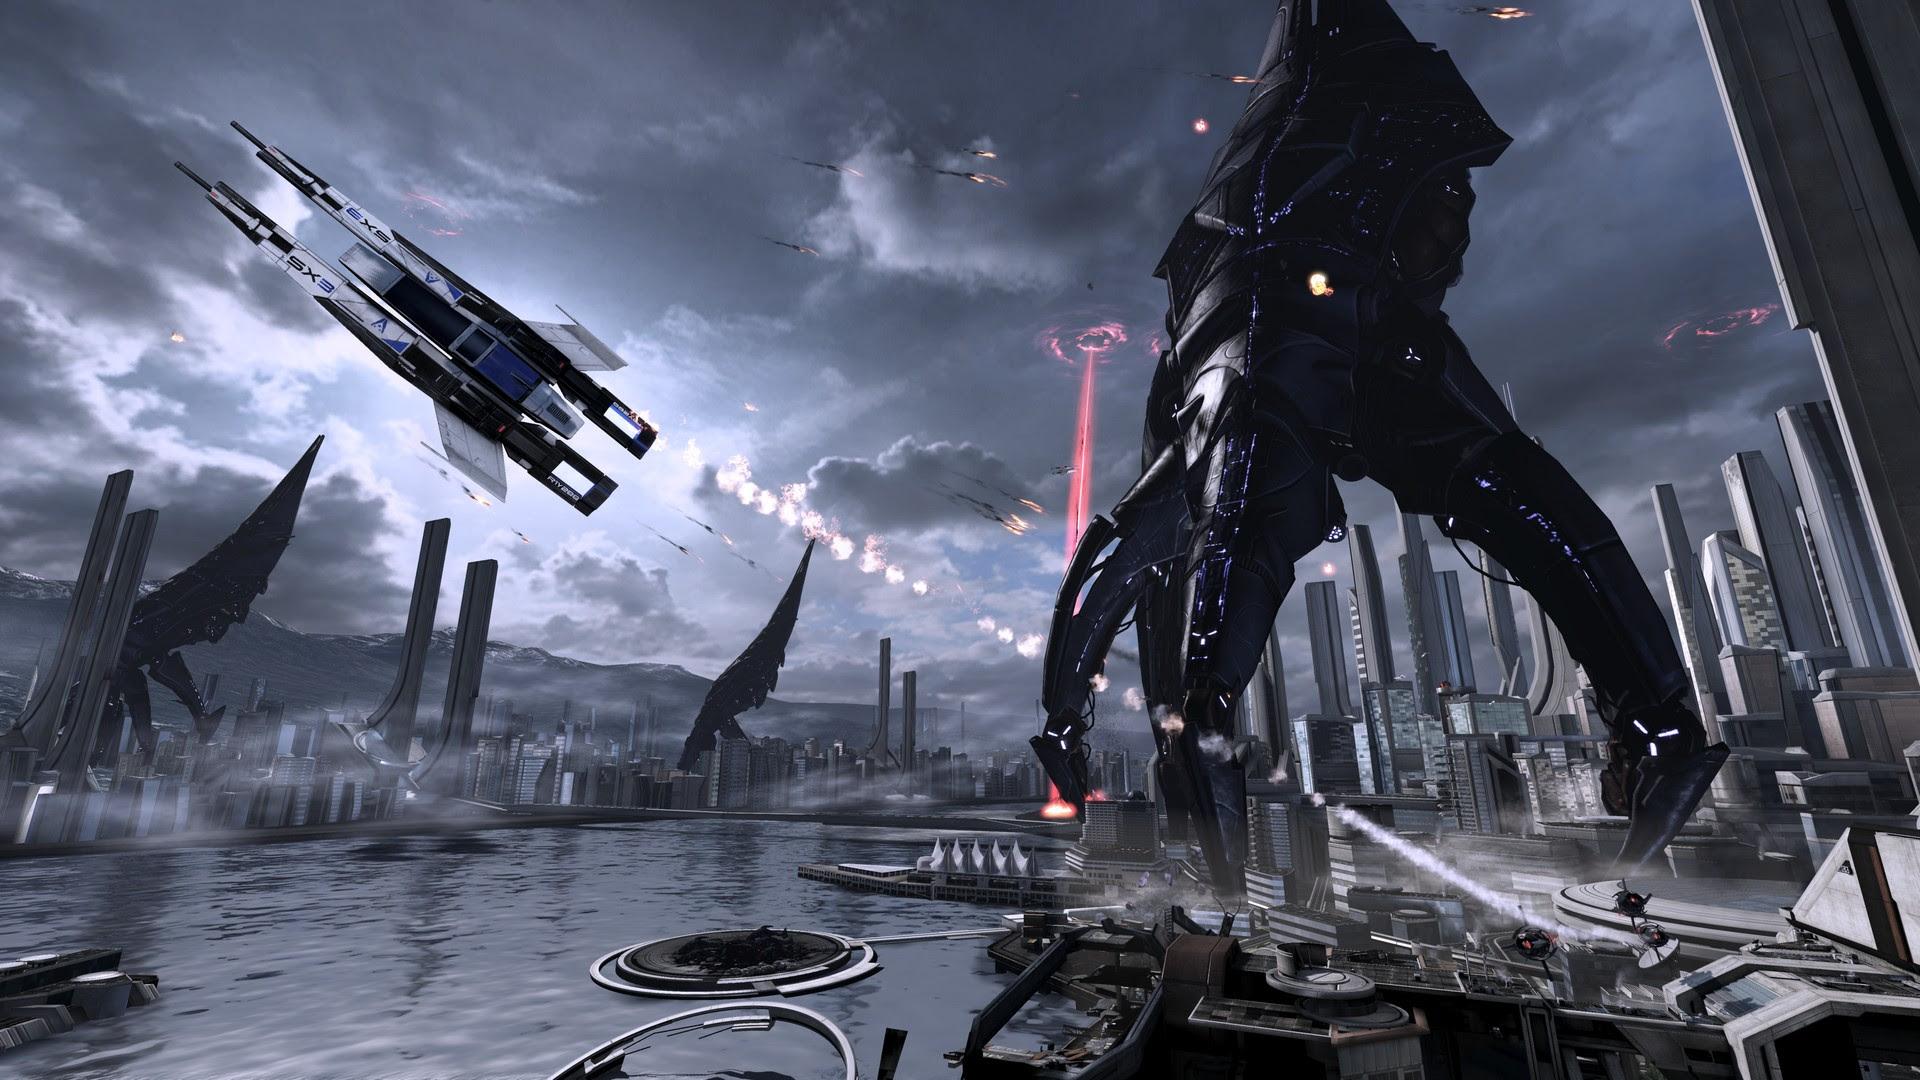 Mass Effect Reaper Wallpaper Sf Wallpaper